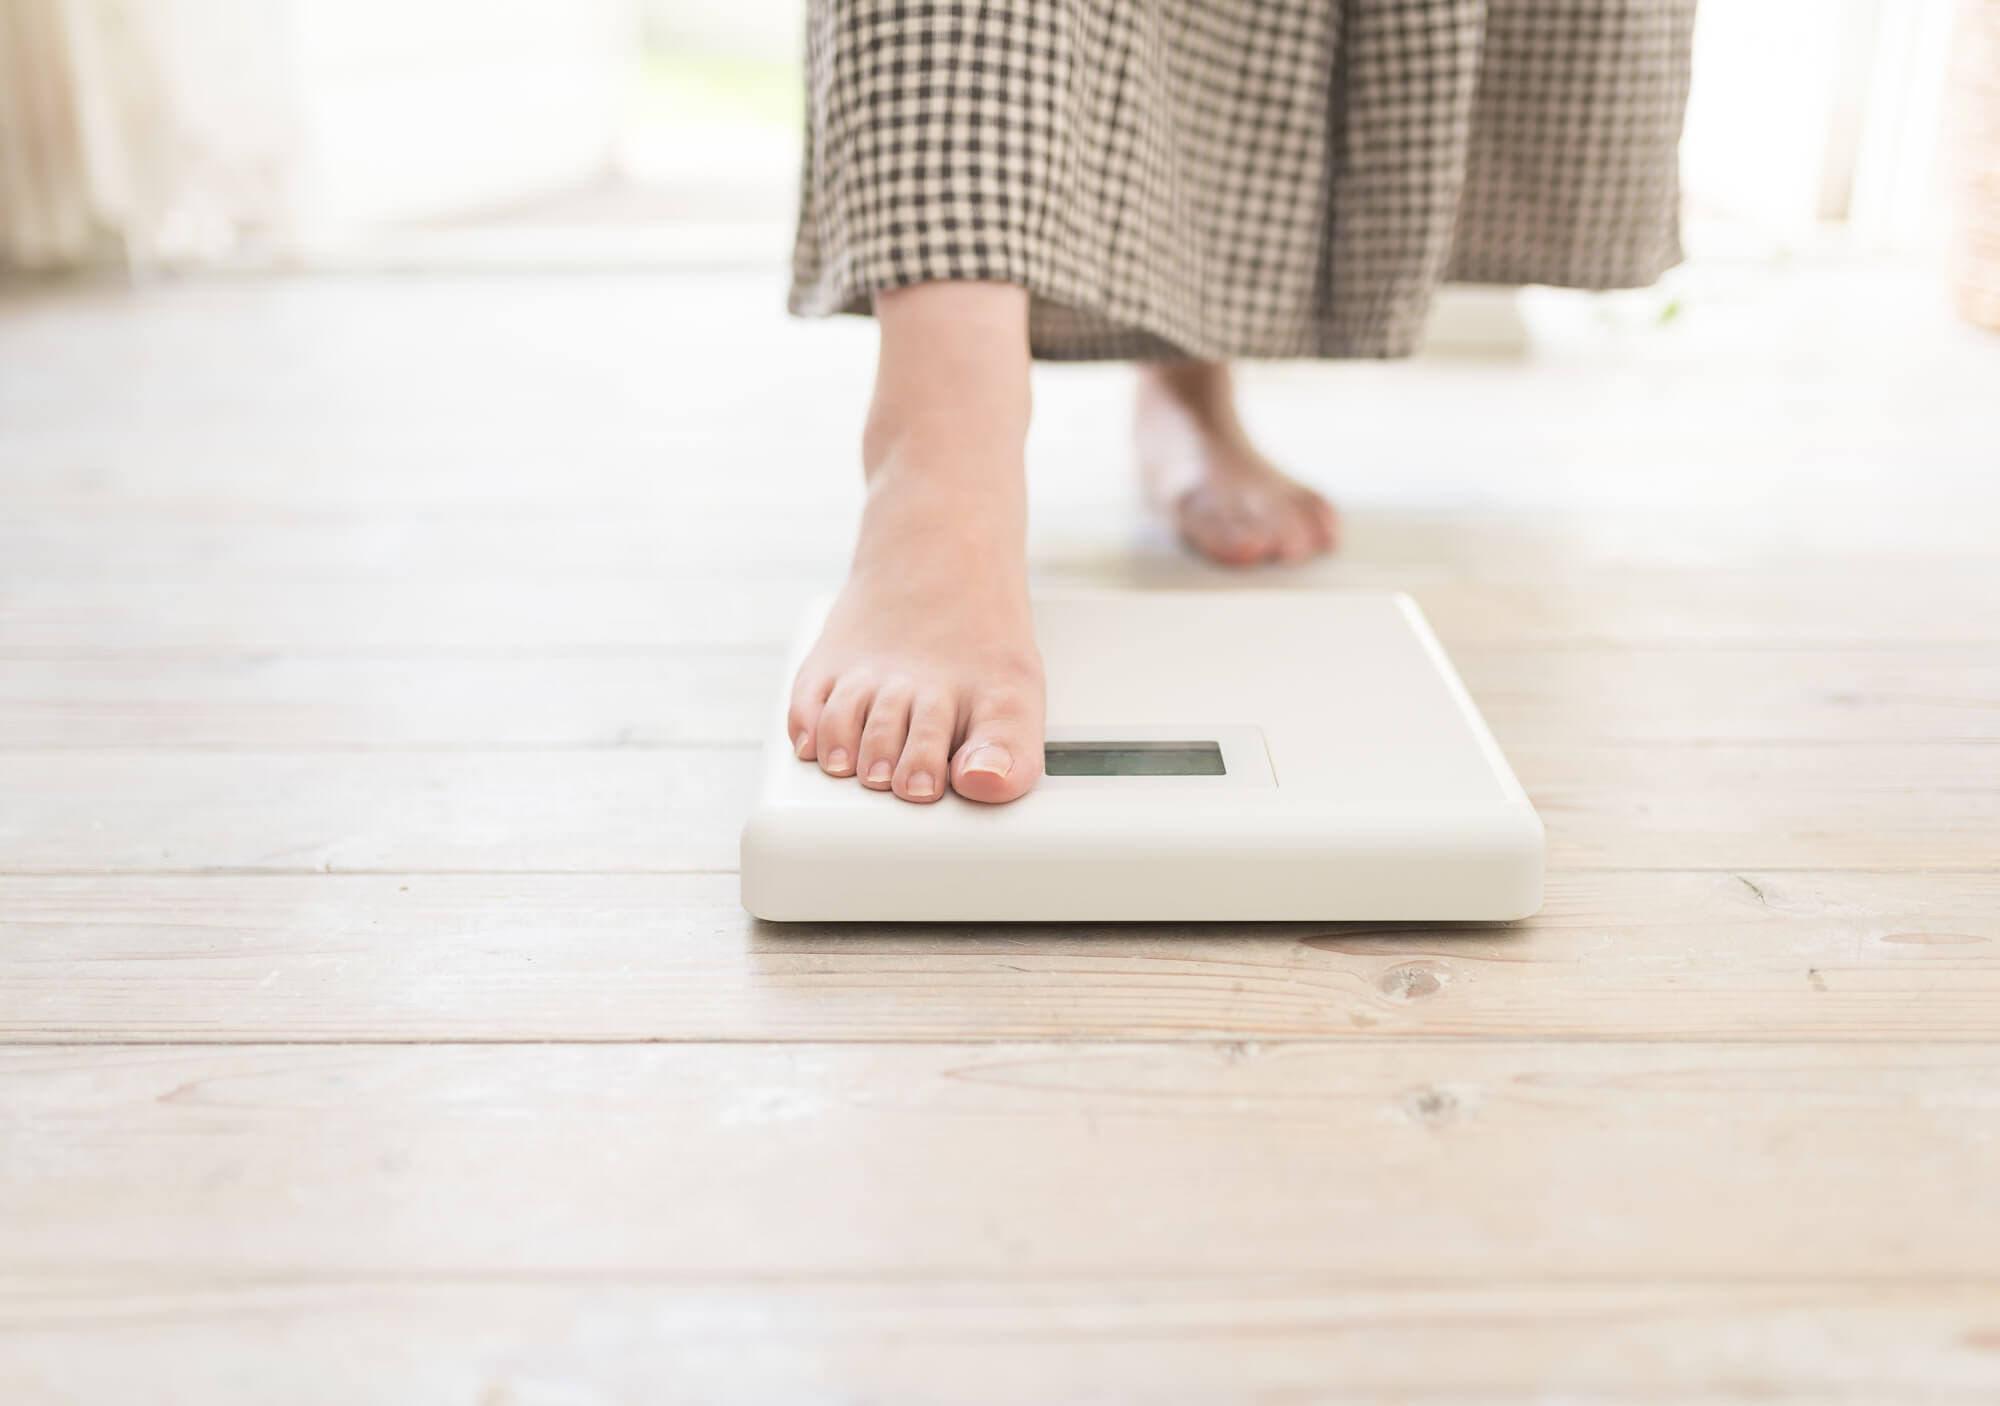 妊娠中の体重増加に注意!三つの時期ごとの体重管理術